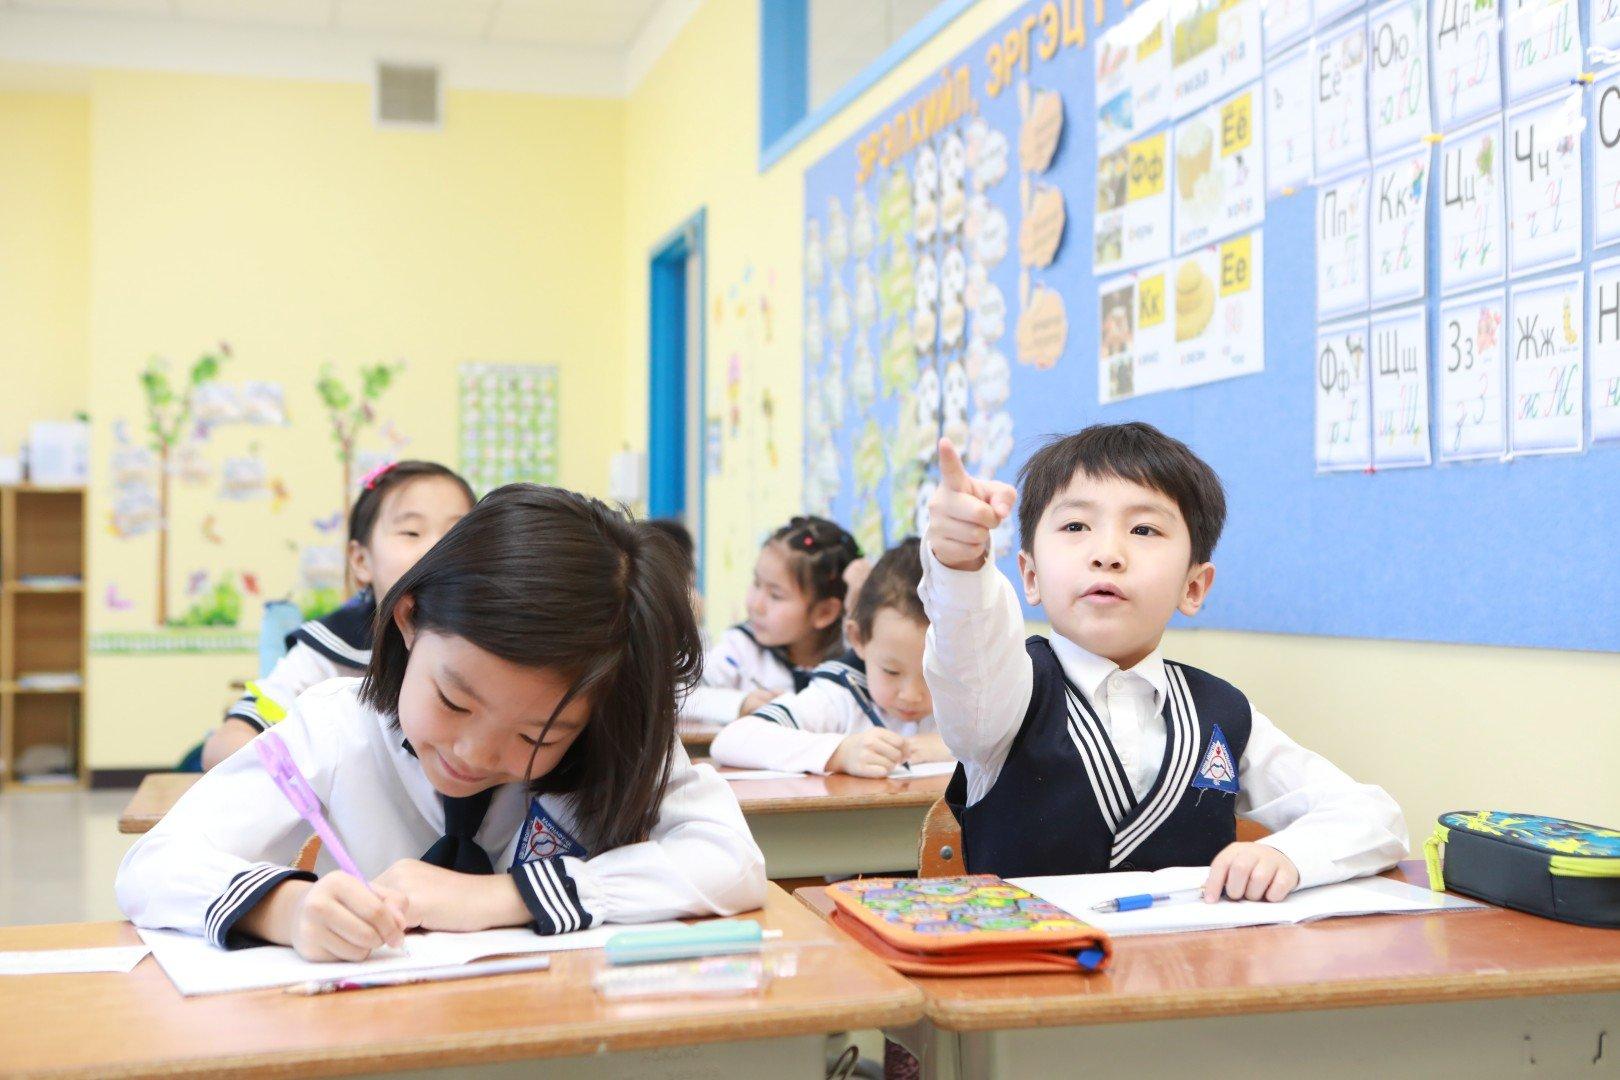 Шинэ Монгол Харүмафүжи сургуулийн 1-р ангид сурагч элсүүлэх журам батлагдлаа